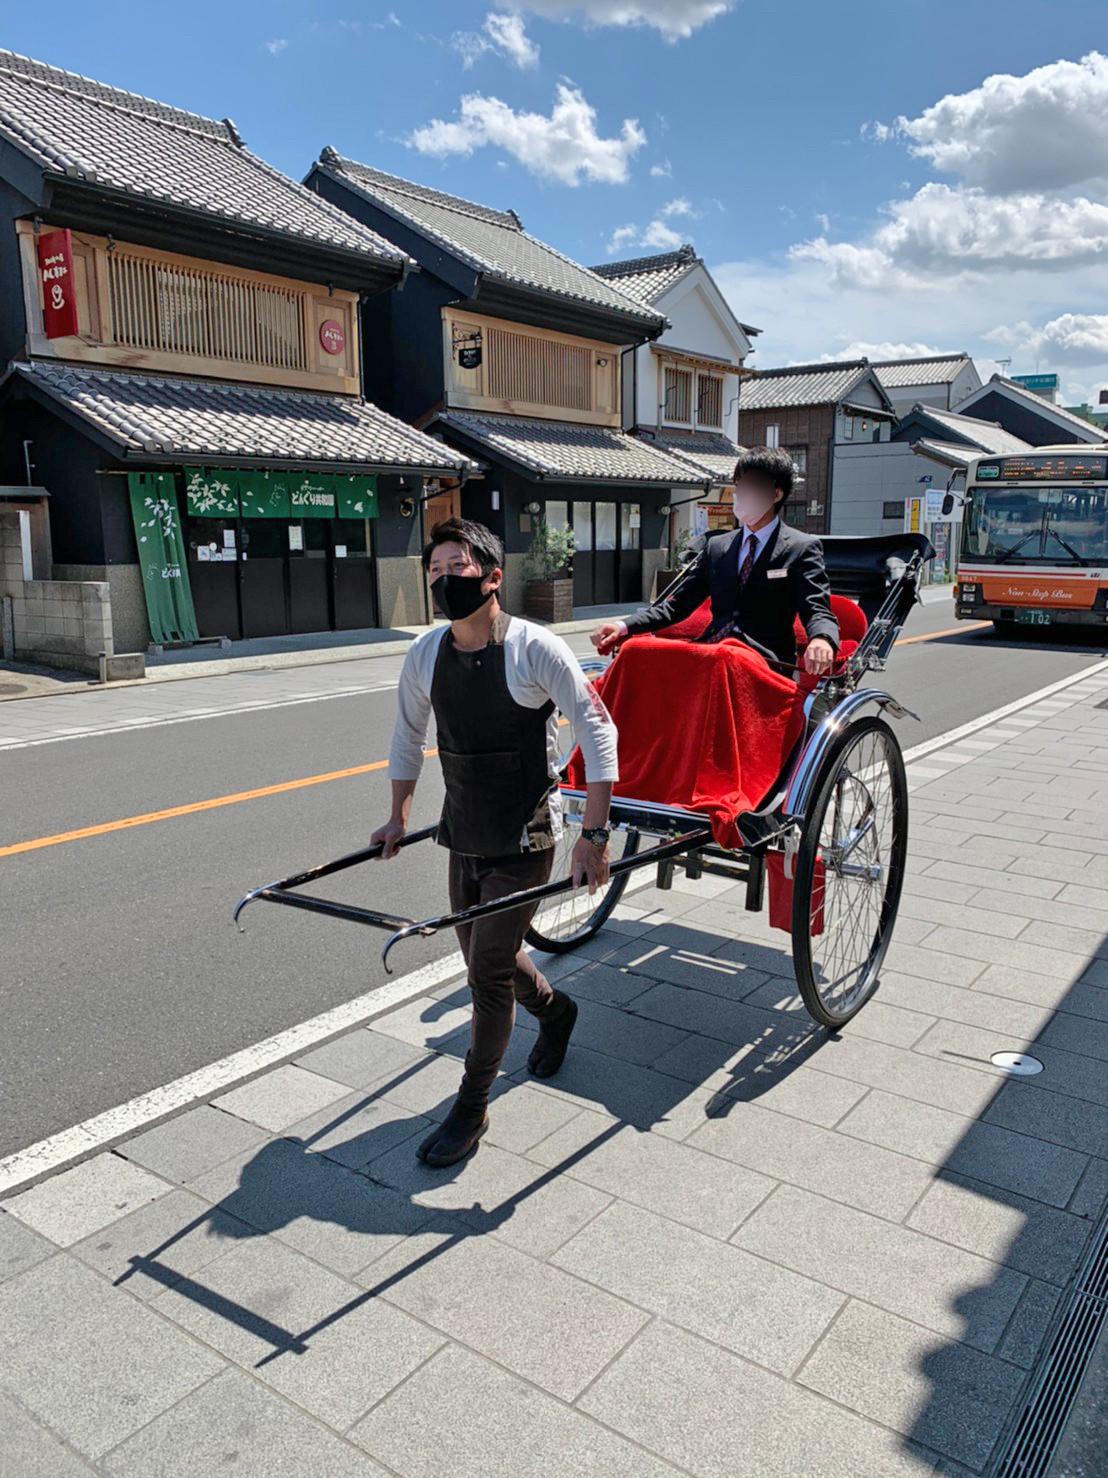 Ichibangai Street